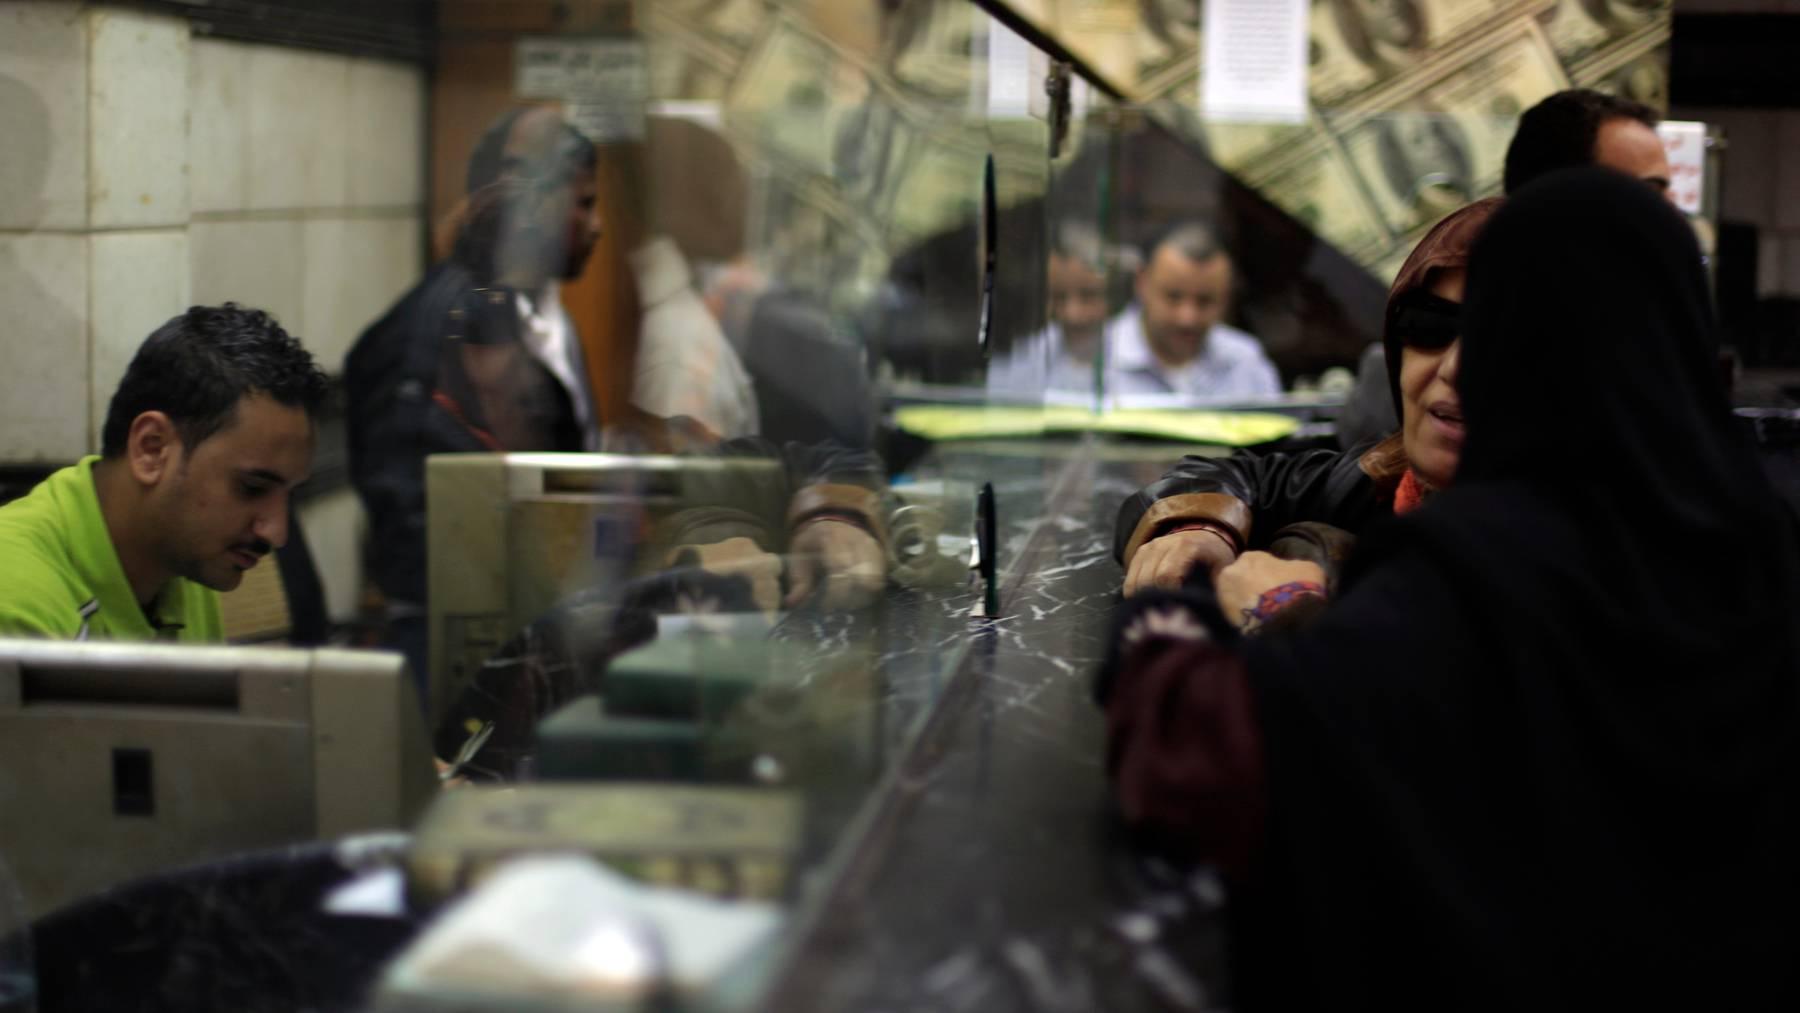 Wechselstuben wie hier in Ägypten sind wichtig, um Geldüberweisungen von Migranten in die Heimat abzuwickeln. Wegen der Coronakrise sind sie vielerorts geschlossen worden.